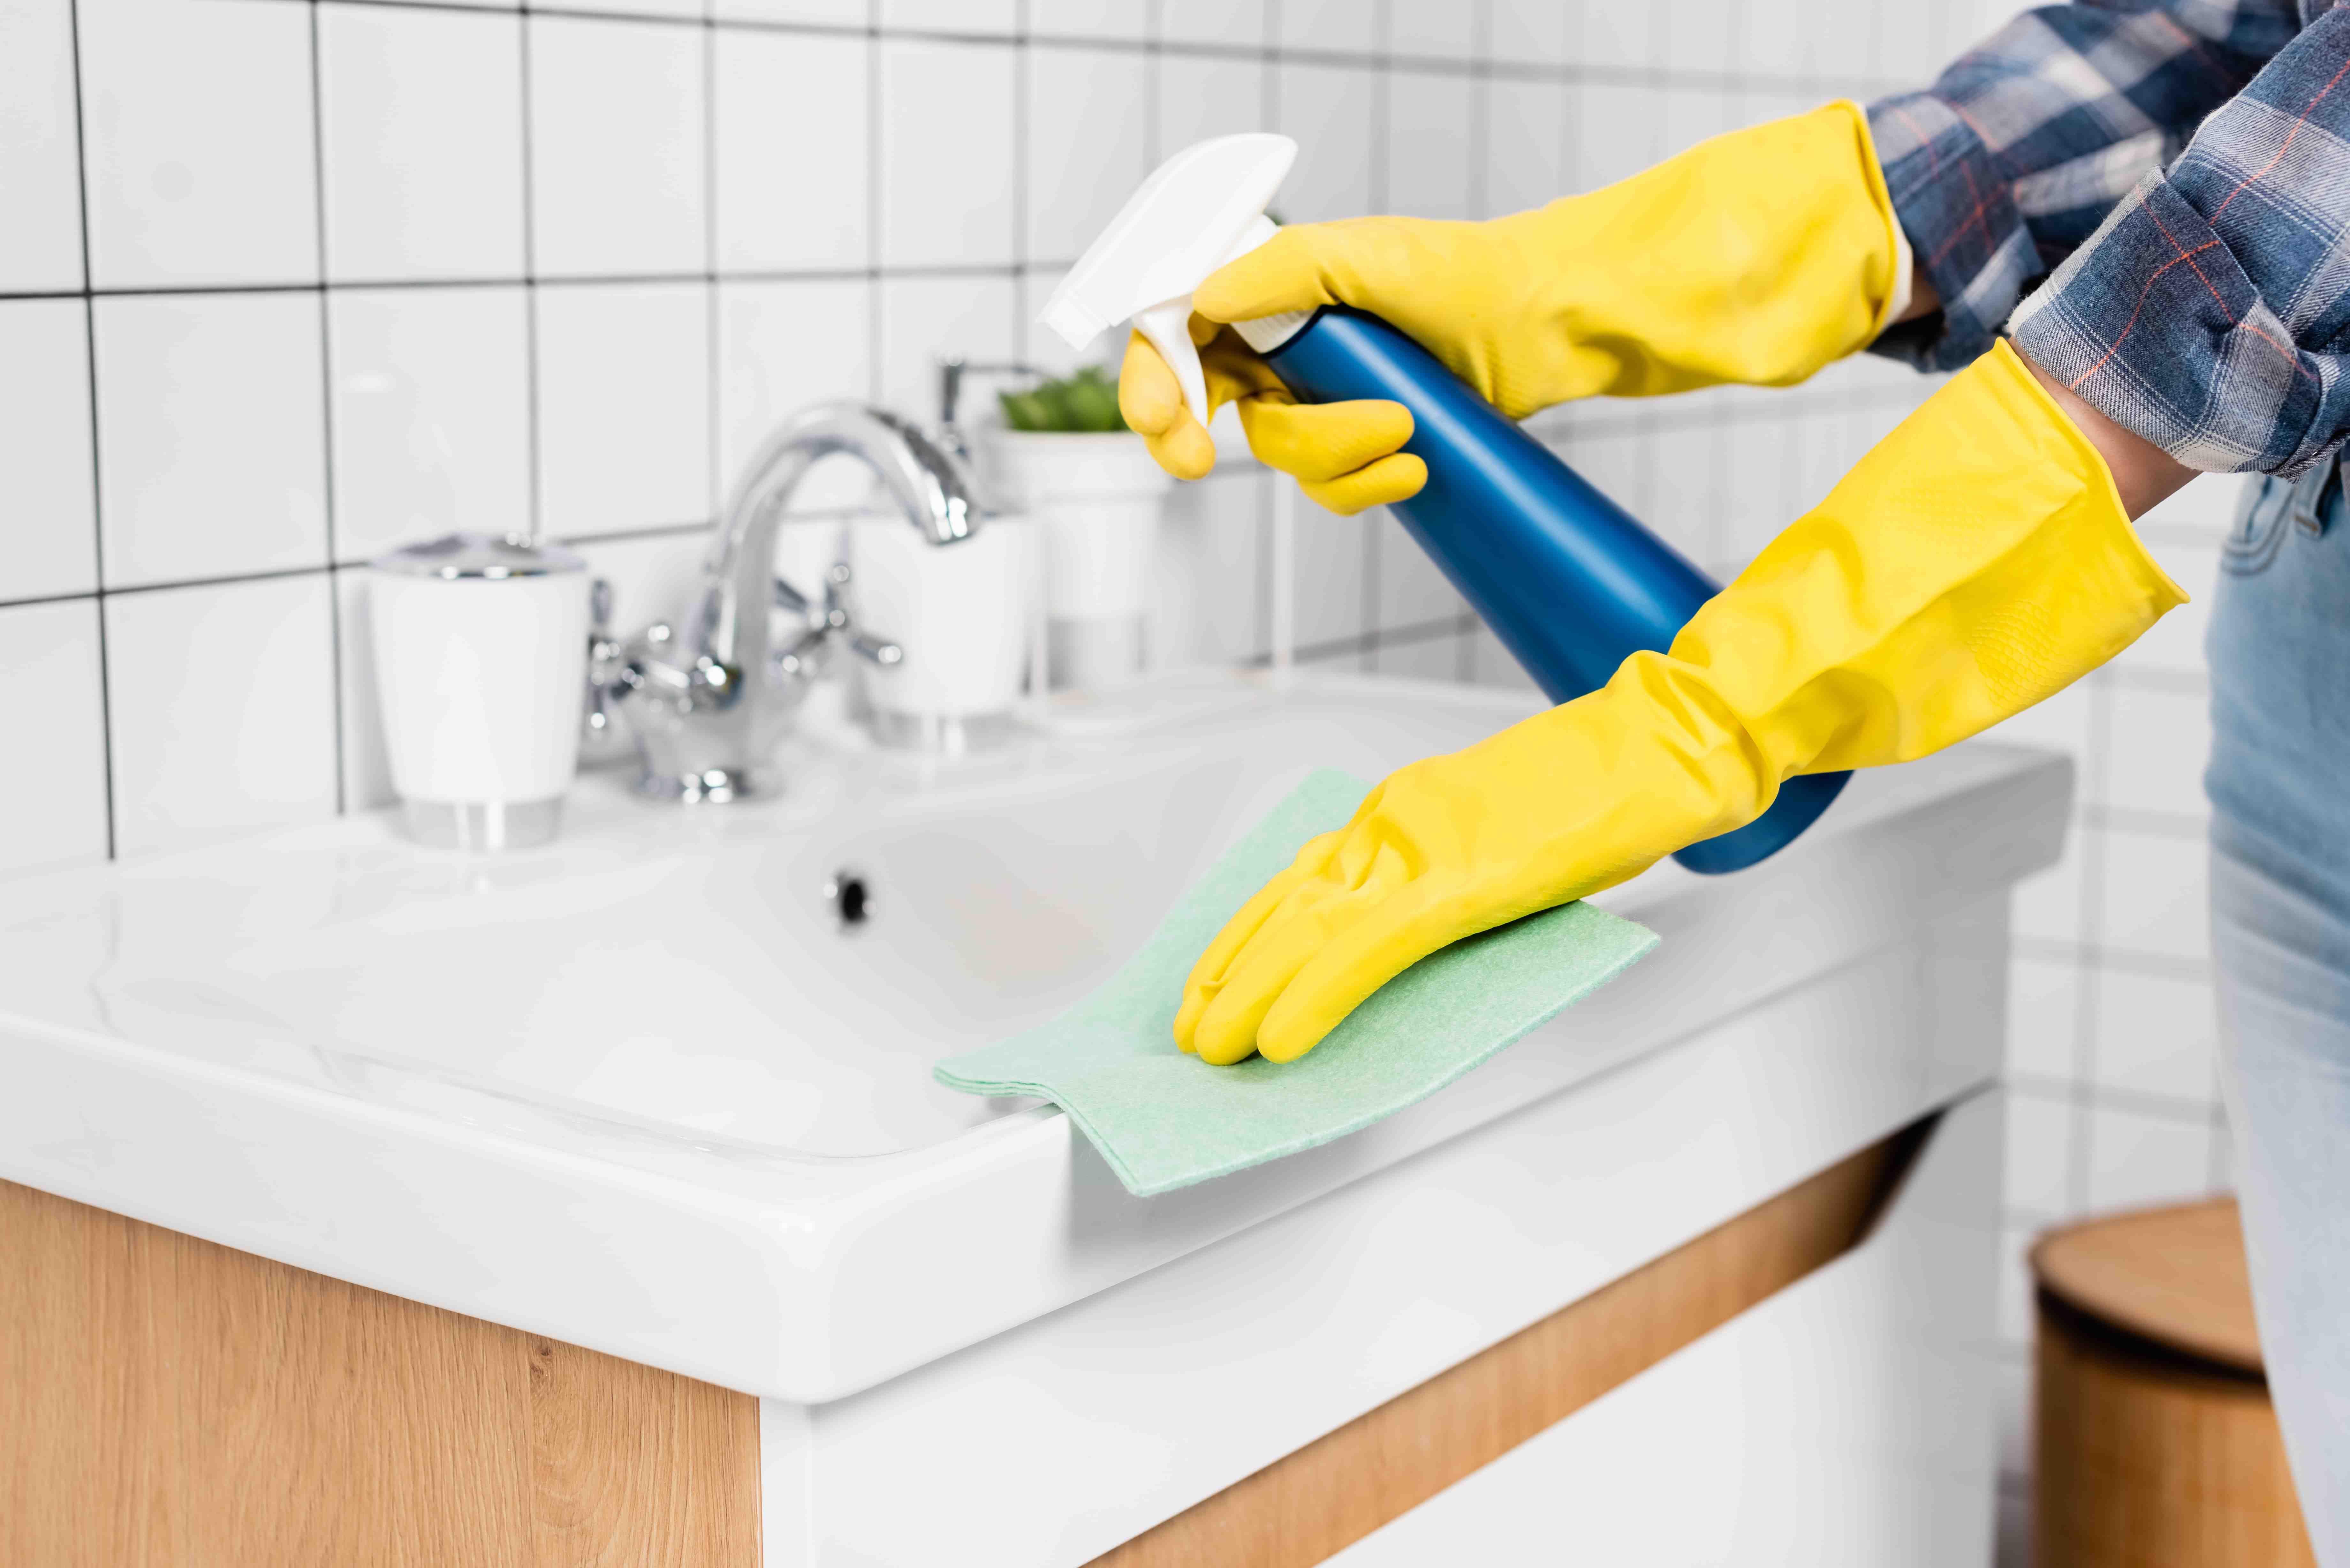 Nach dem Putzen strahlt das Bad nicht nur, auch Bakterien wurden entfernt.